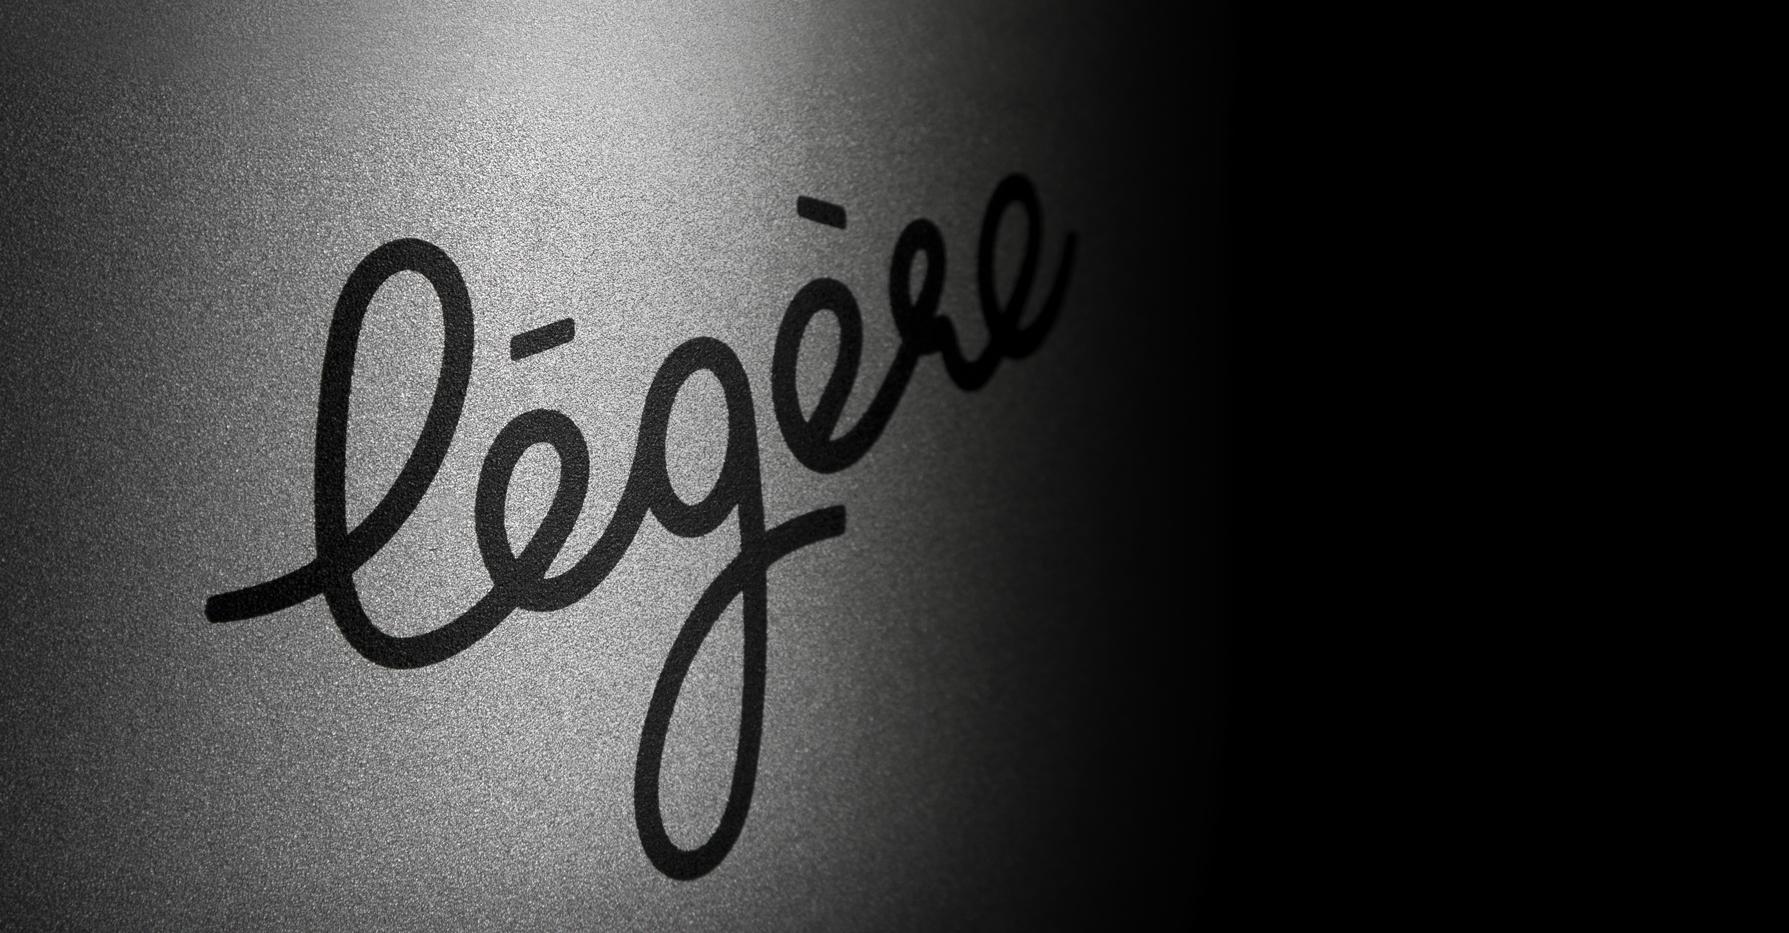 Logopart auf Gasflasche